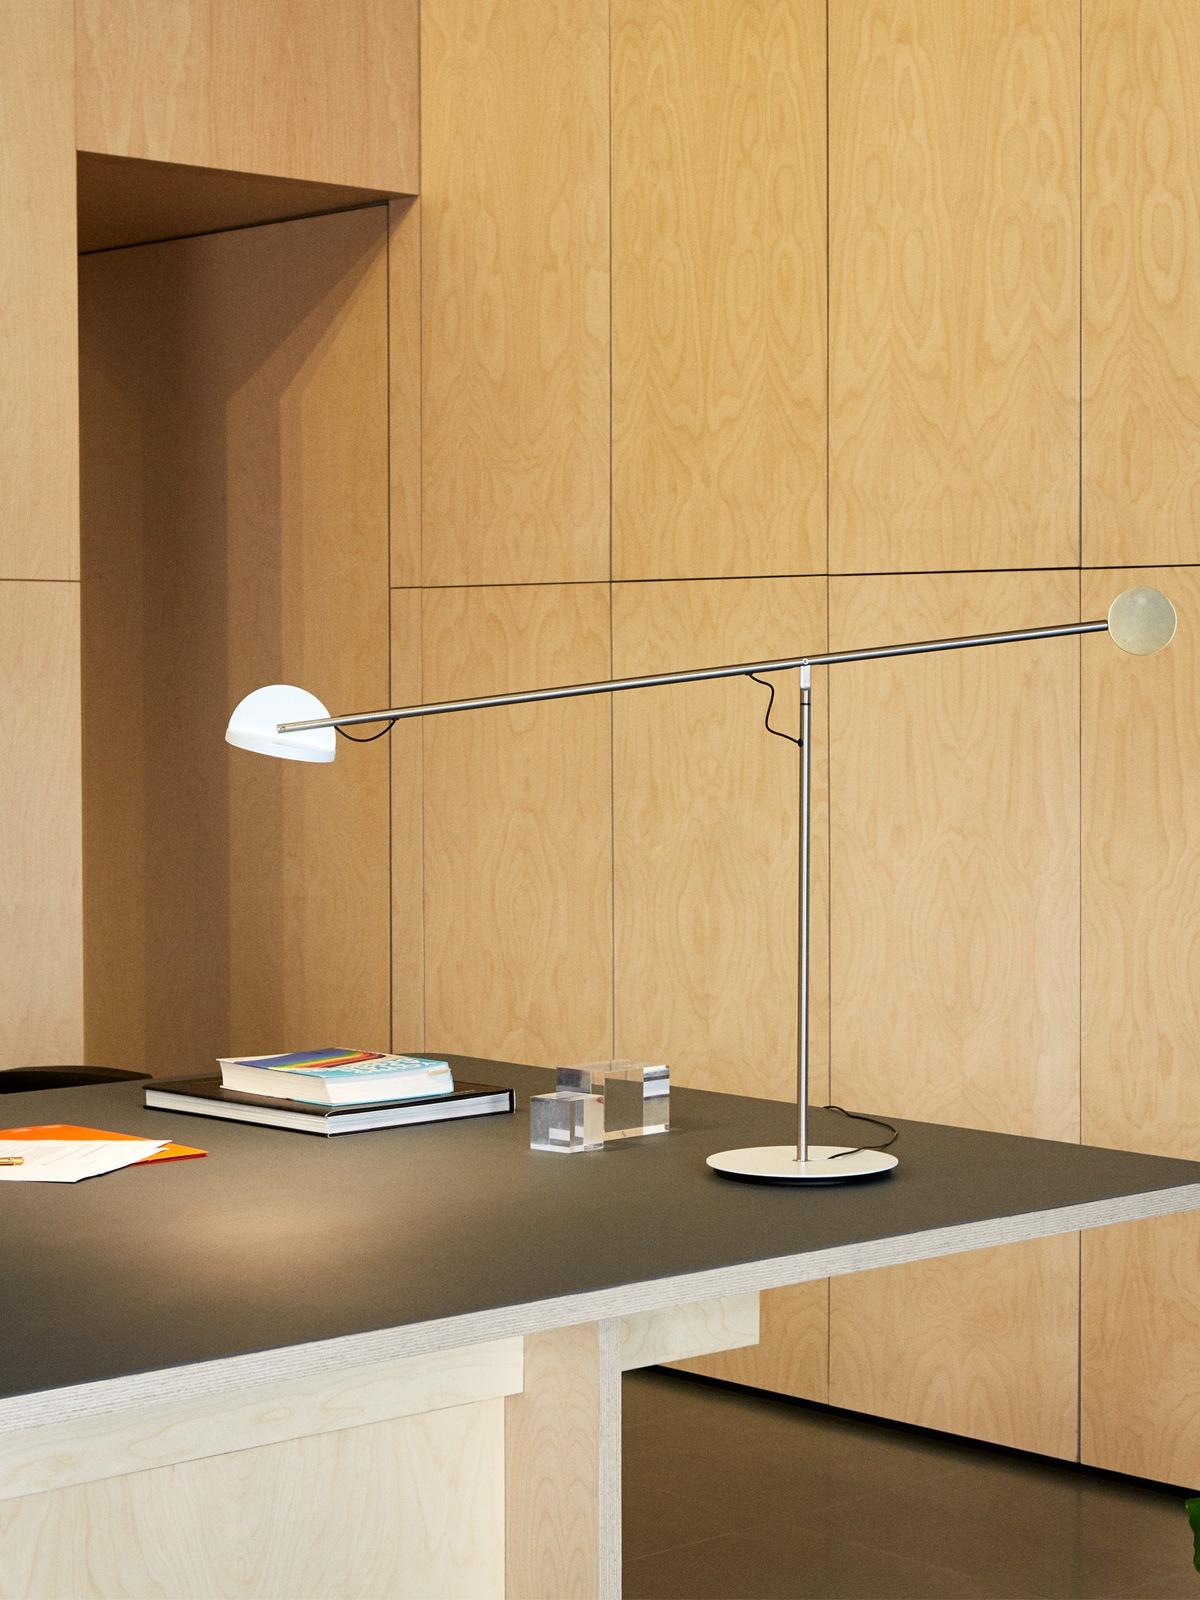 Copernica m Tischlampe Marset Lampe DesignOrt Onlineshop Berlin